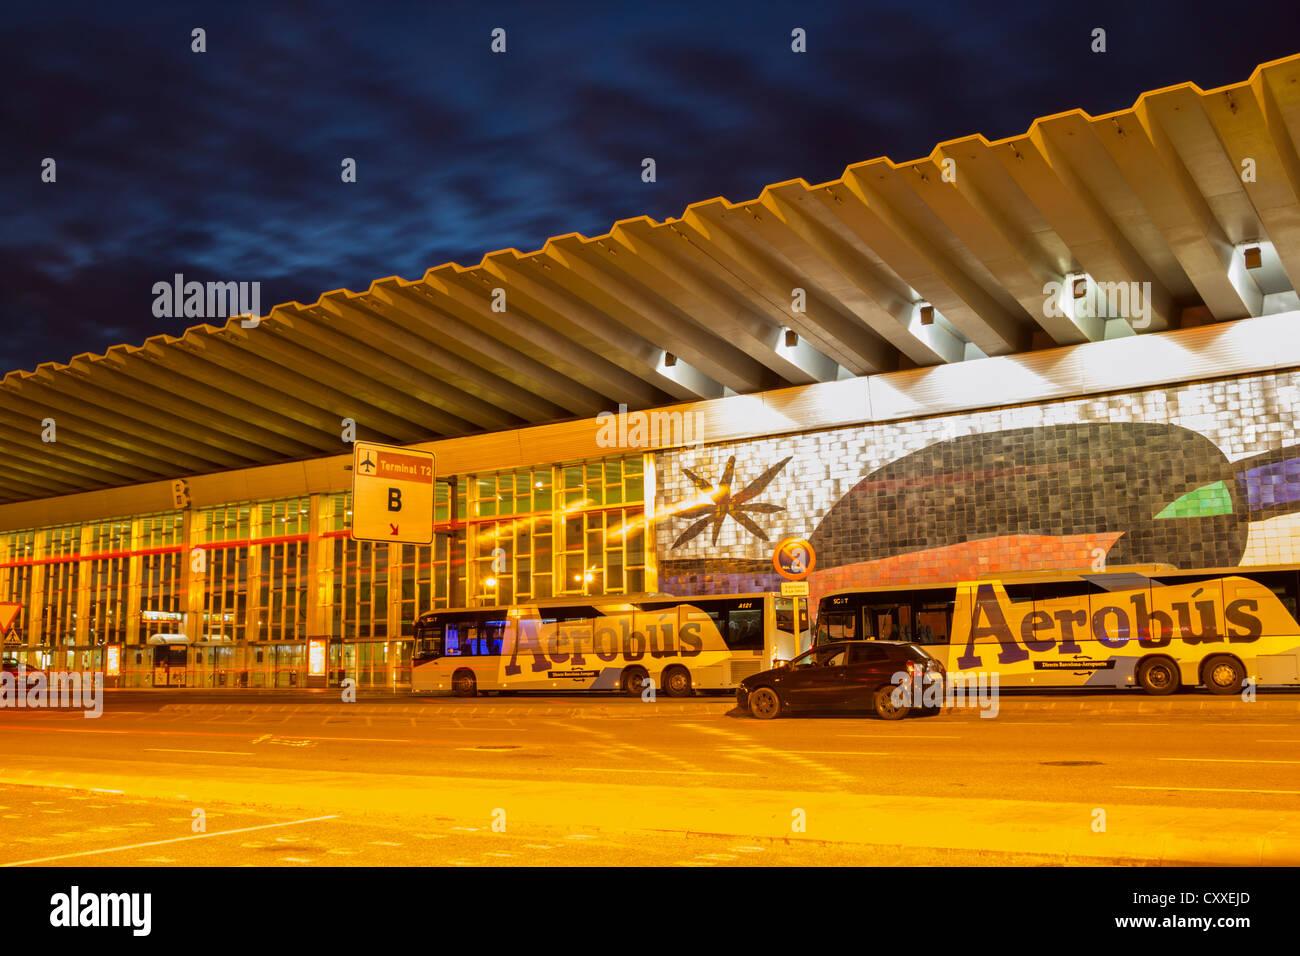 Terminal 2 at El Prat airport in Barcelona, Spain, Europe - Stock Image